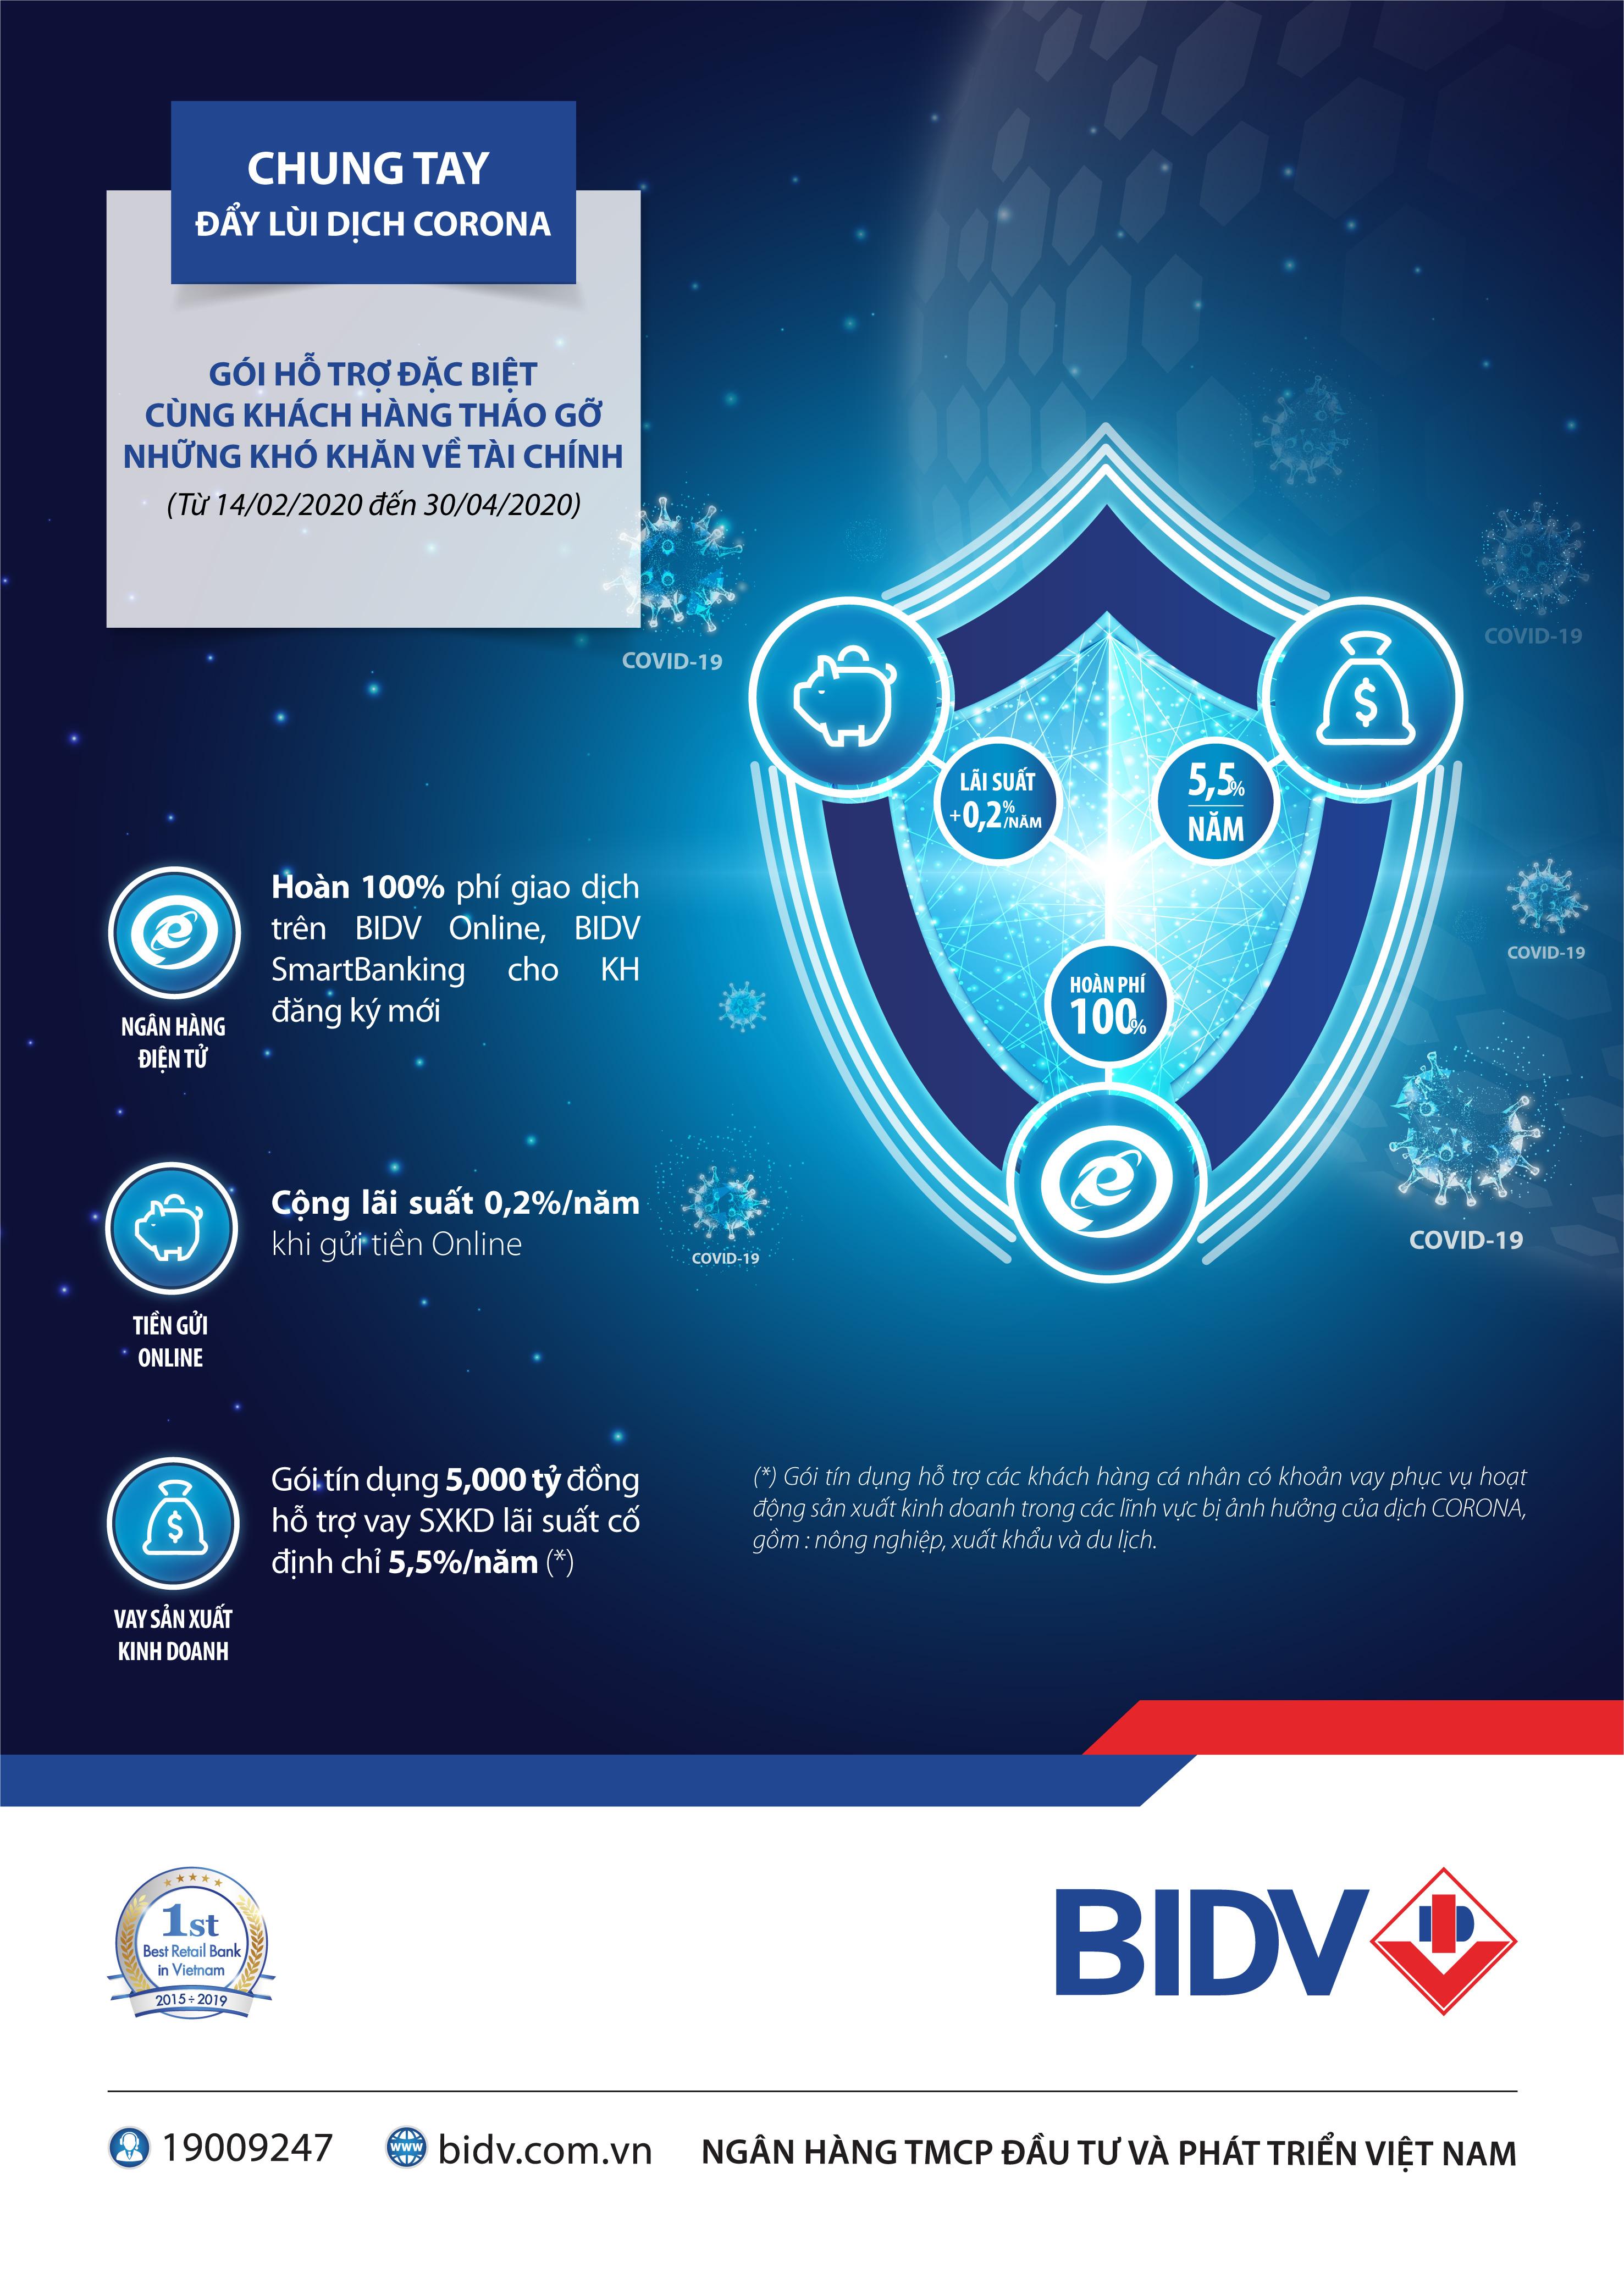 BIDV mở gói tín dụng 5 000 tỷ đồng cho khách hàng cá nhân bị ảnh hưởng bởi Covid-19